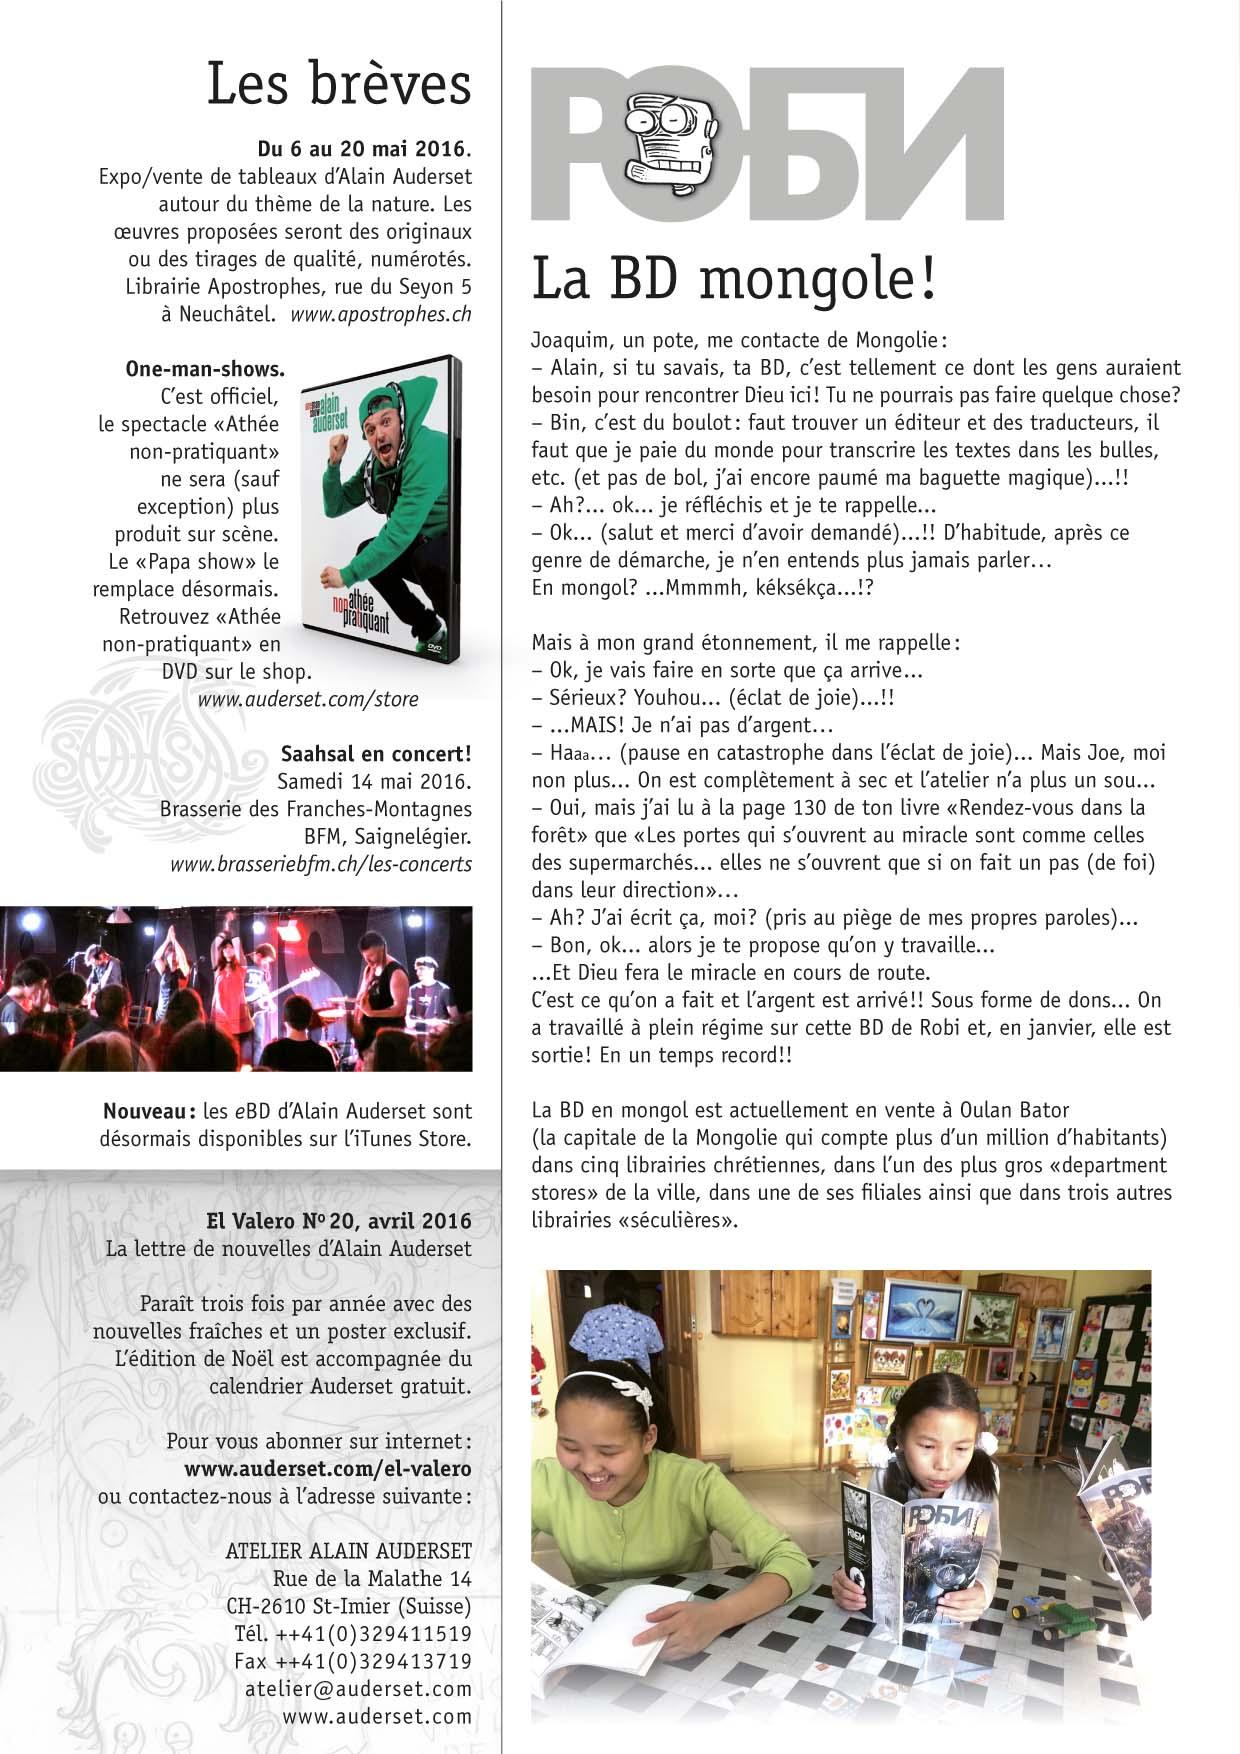 el-valero-20-page-4